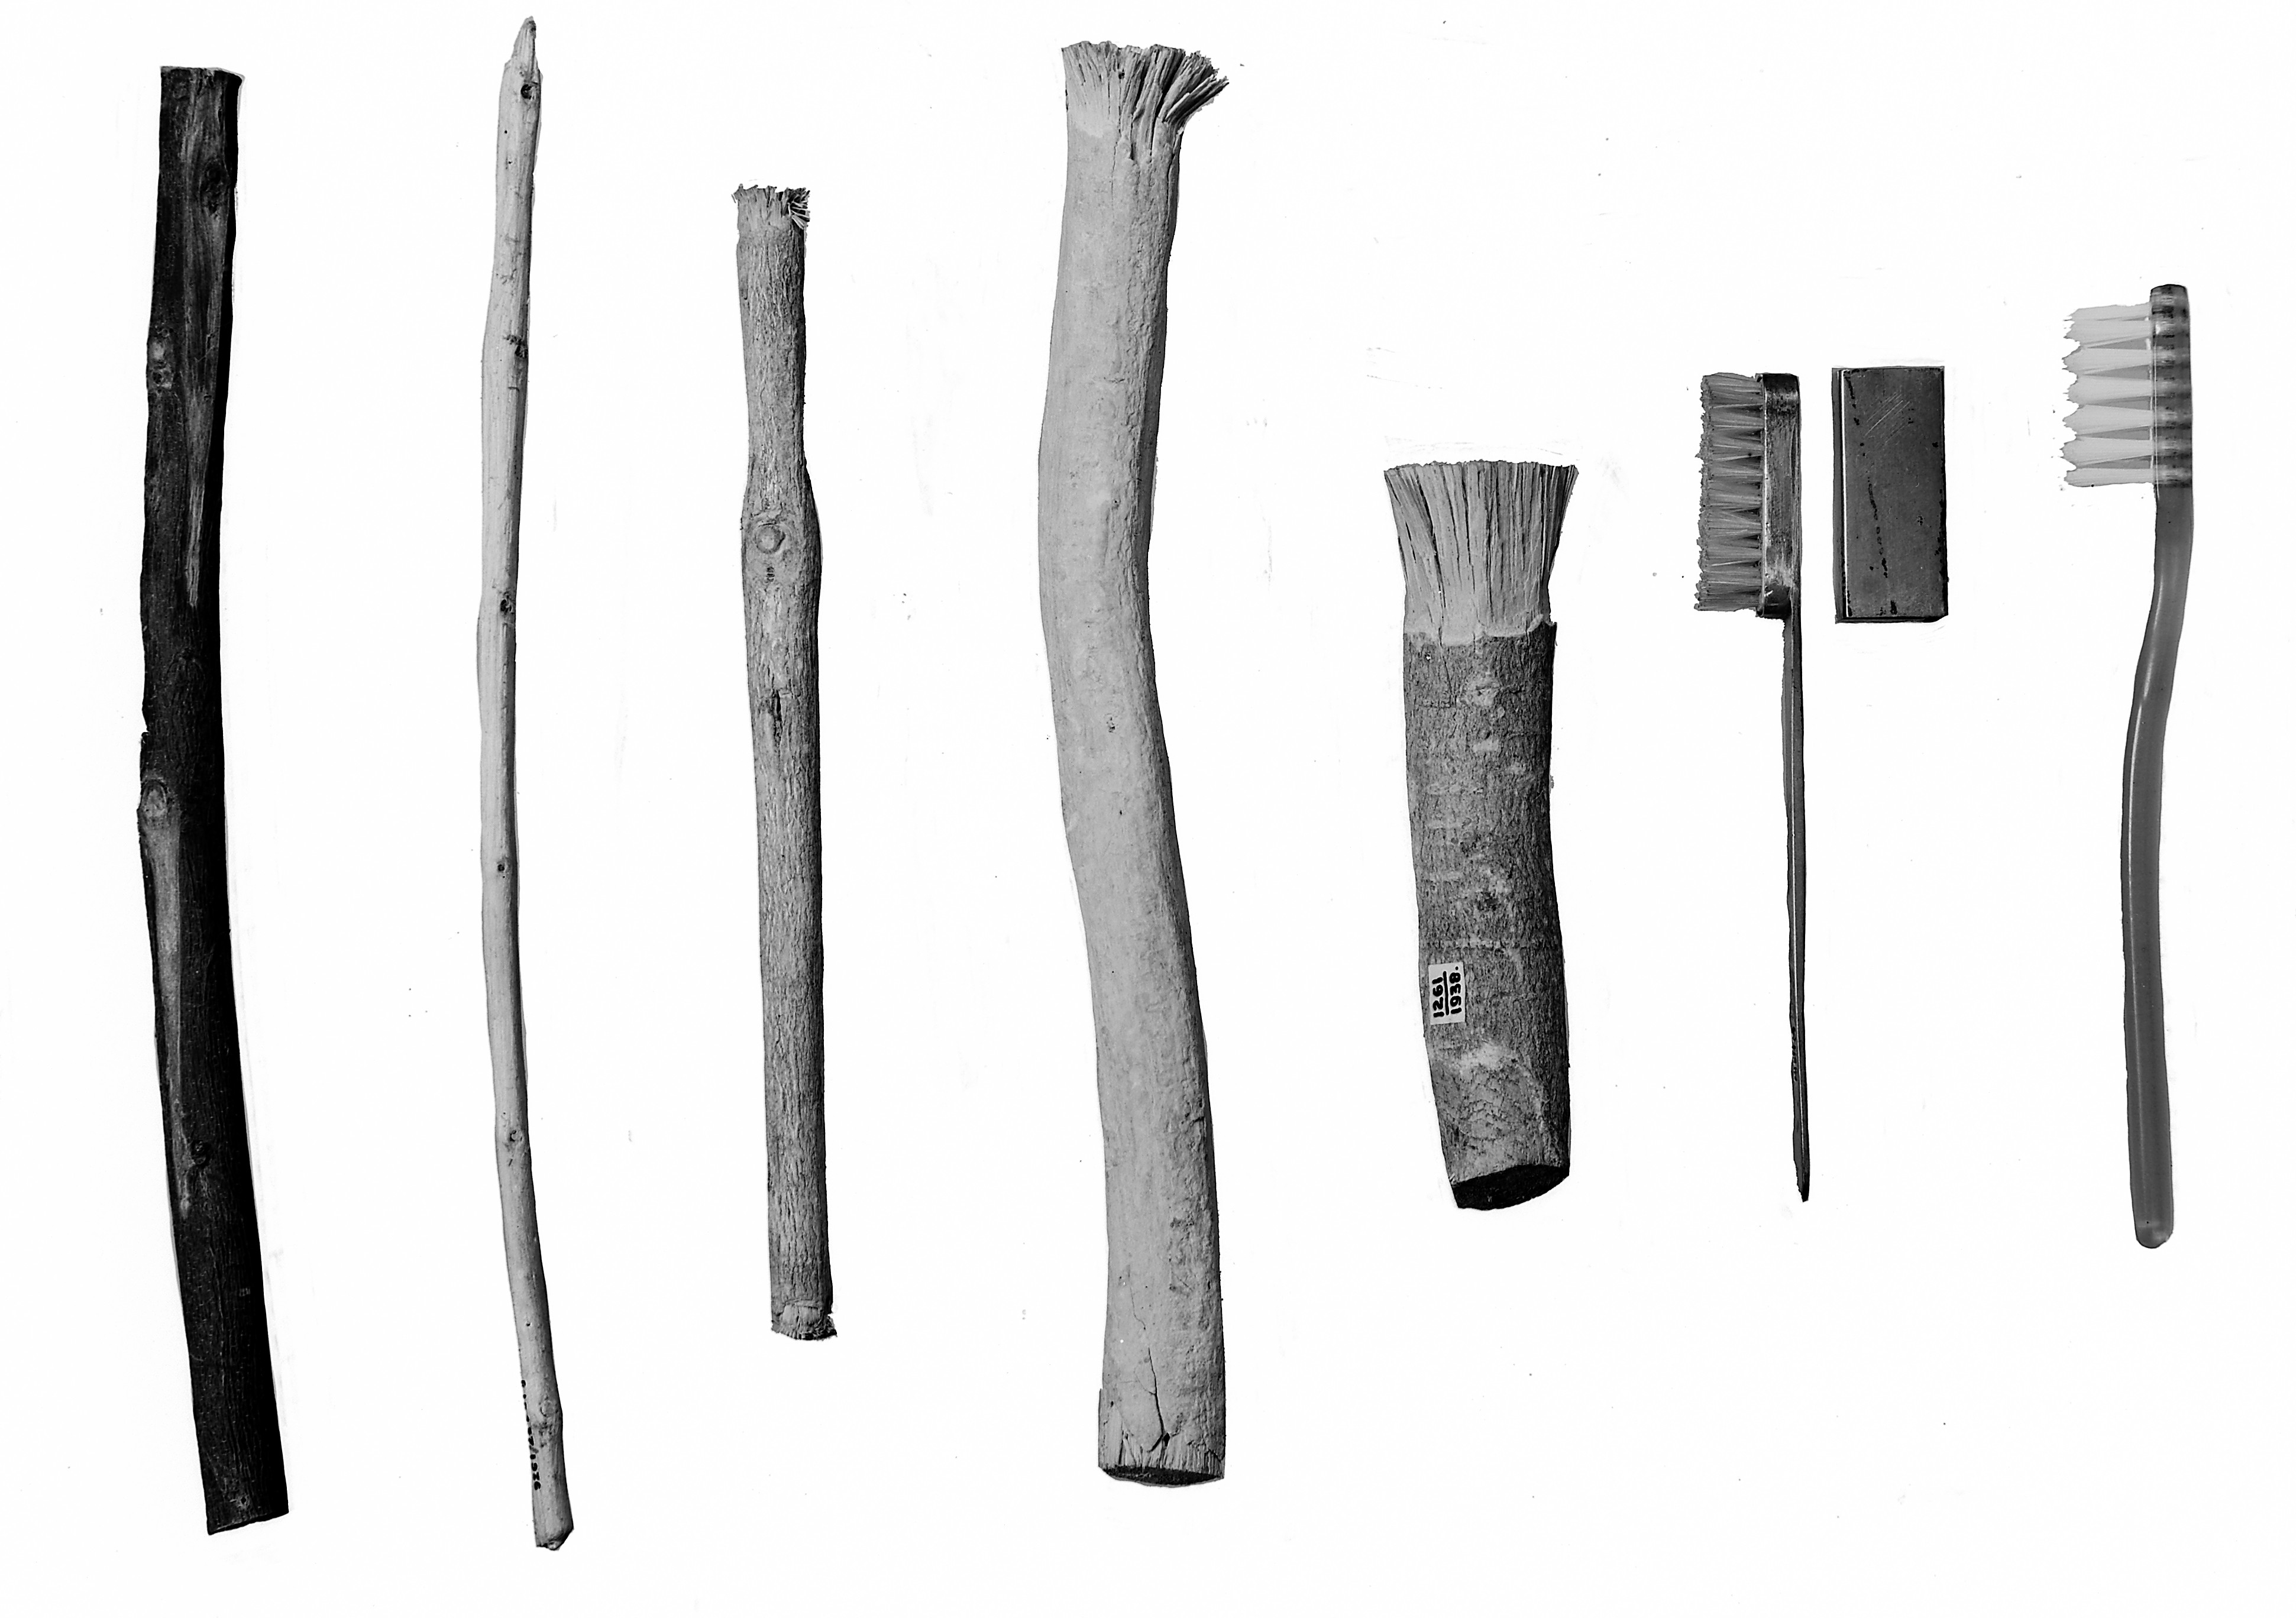 Historia de los Cepillos | Cepillos Dentales